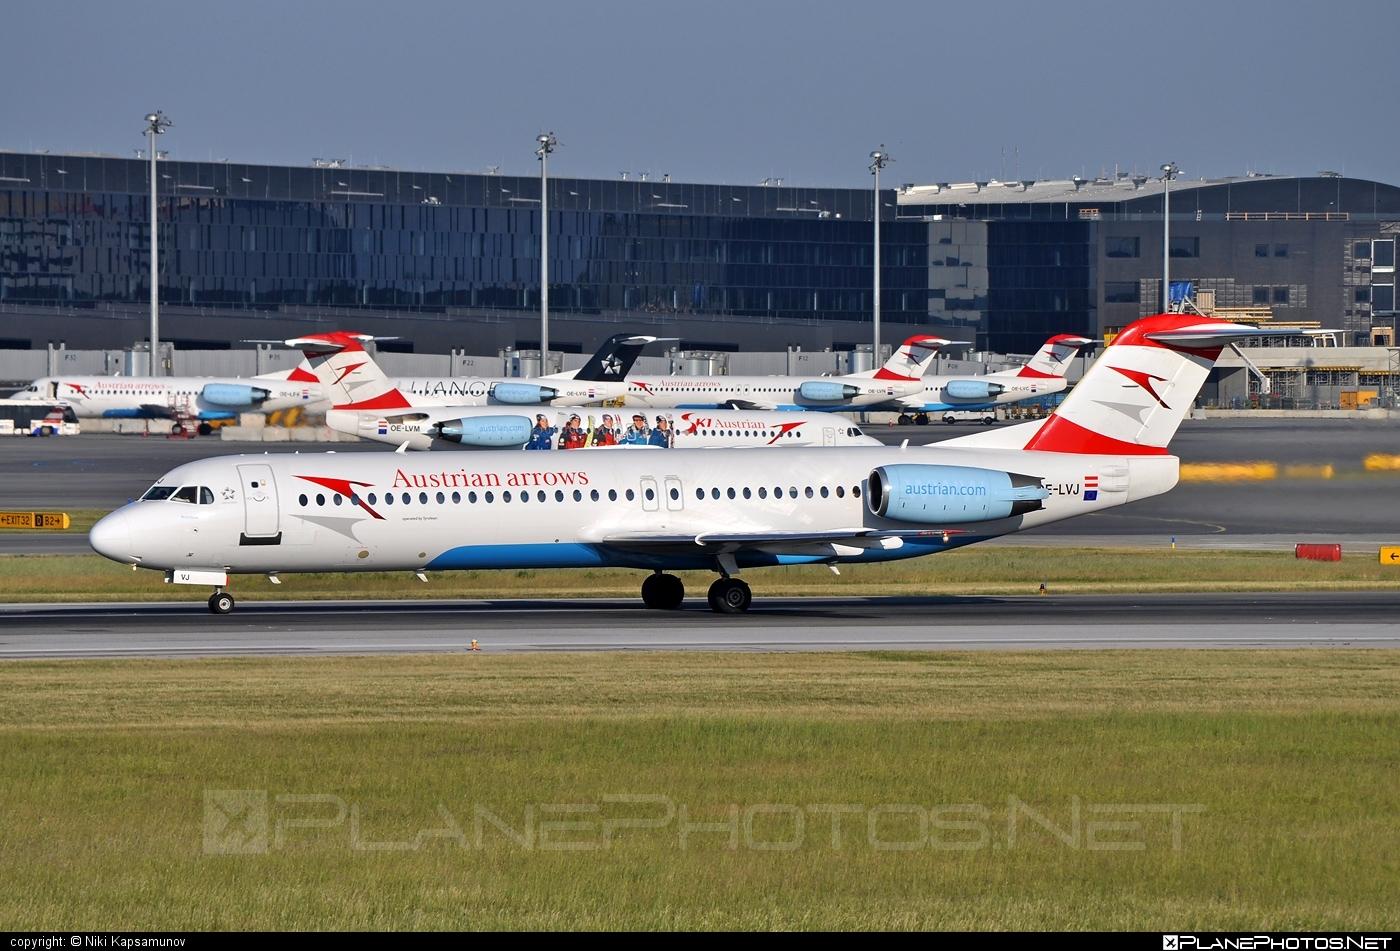 Fokker 100 - OE-LVJ operated by Austrian arrows (Tyrolean Airways) #fokker #fokker100